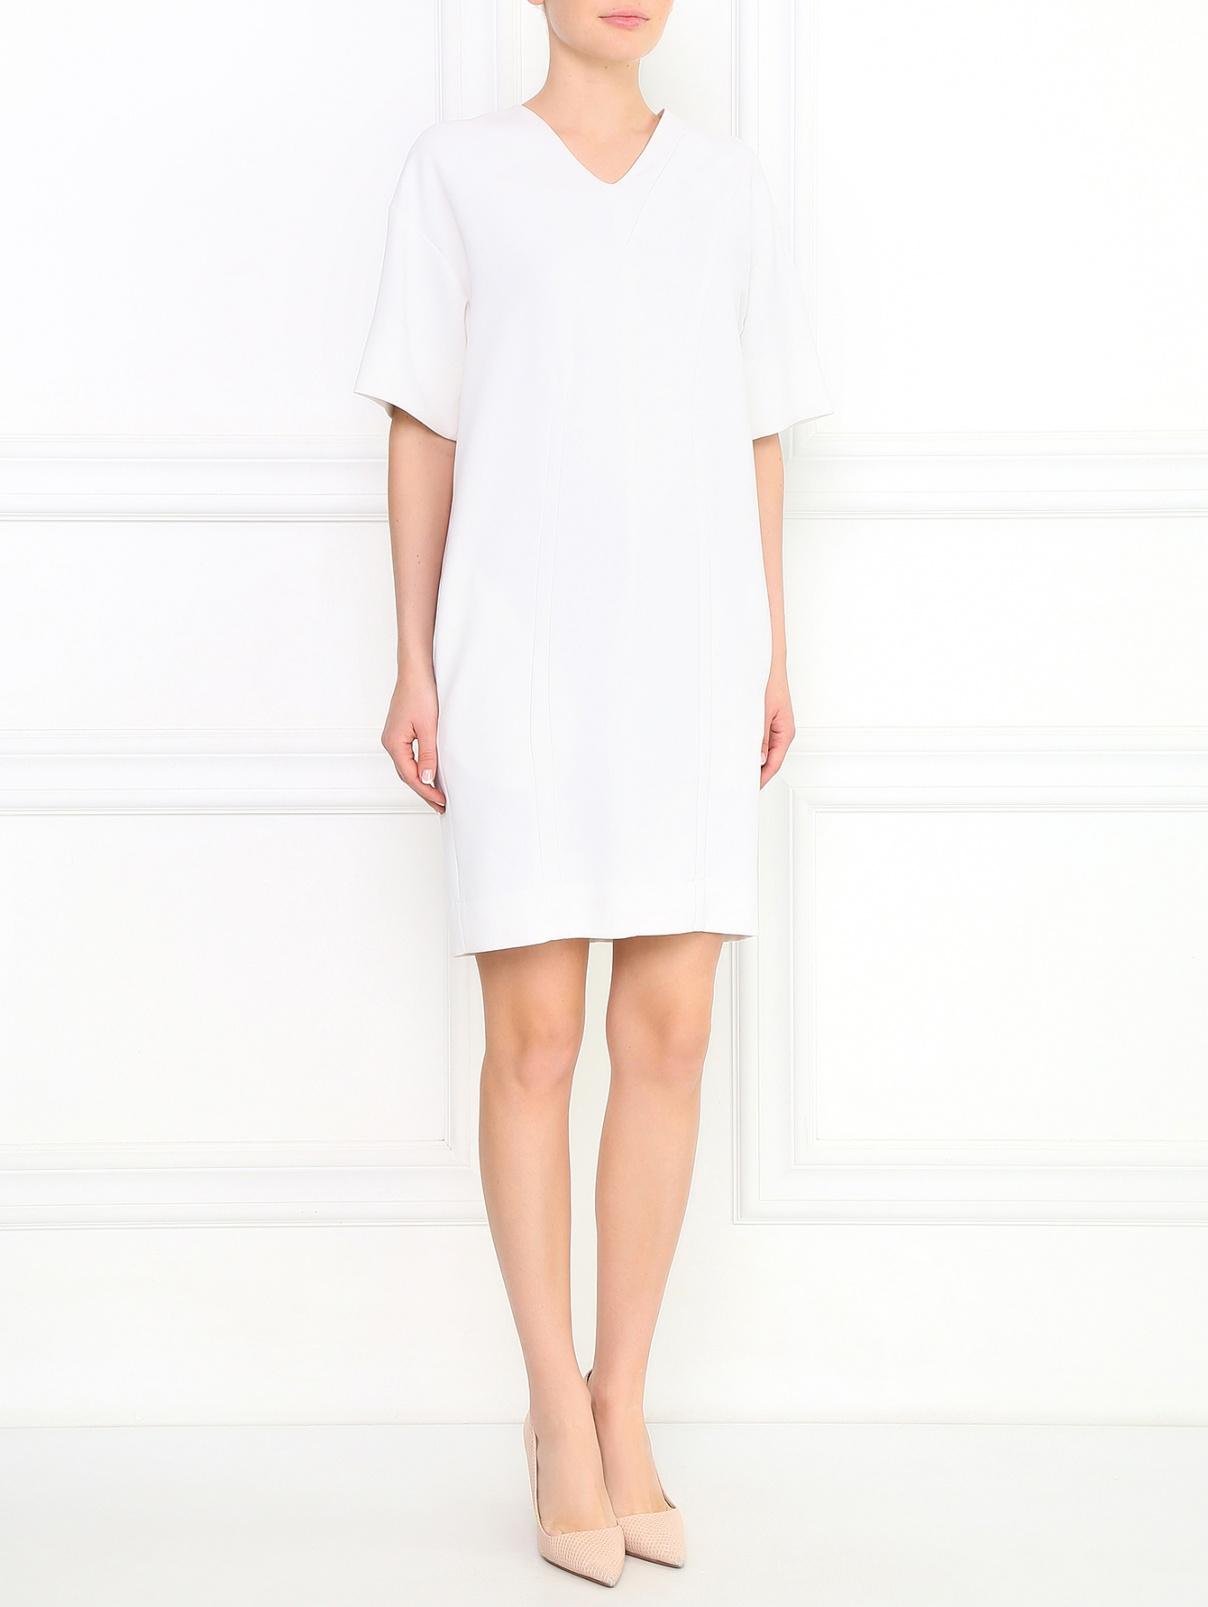 Платье-мини с боковыми карманами Cedric Charlier  –  Модель Общий вид  – Цвет:  Белый